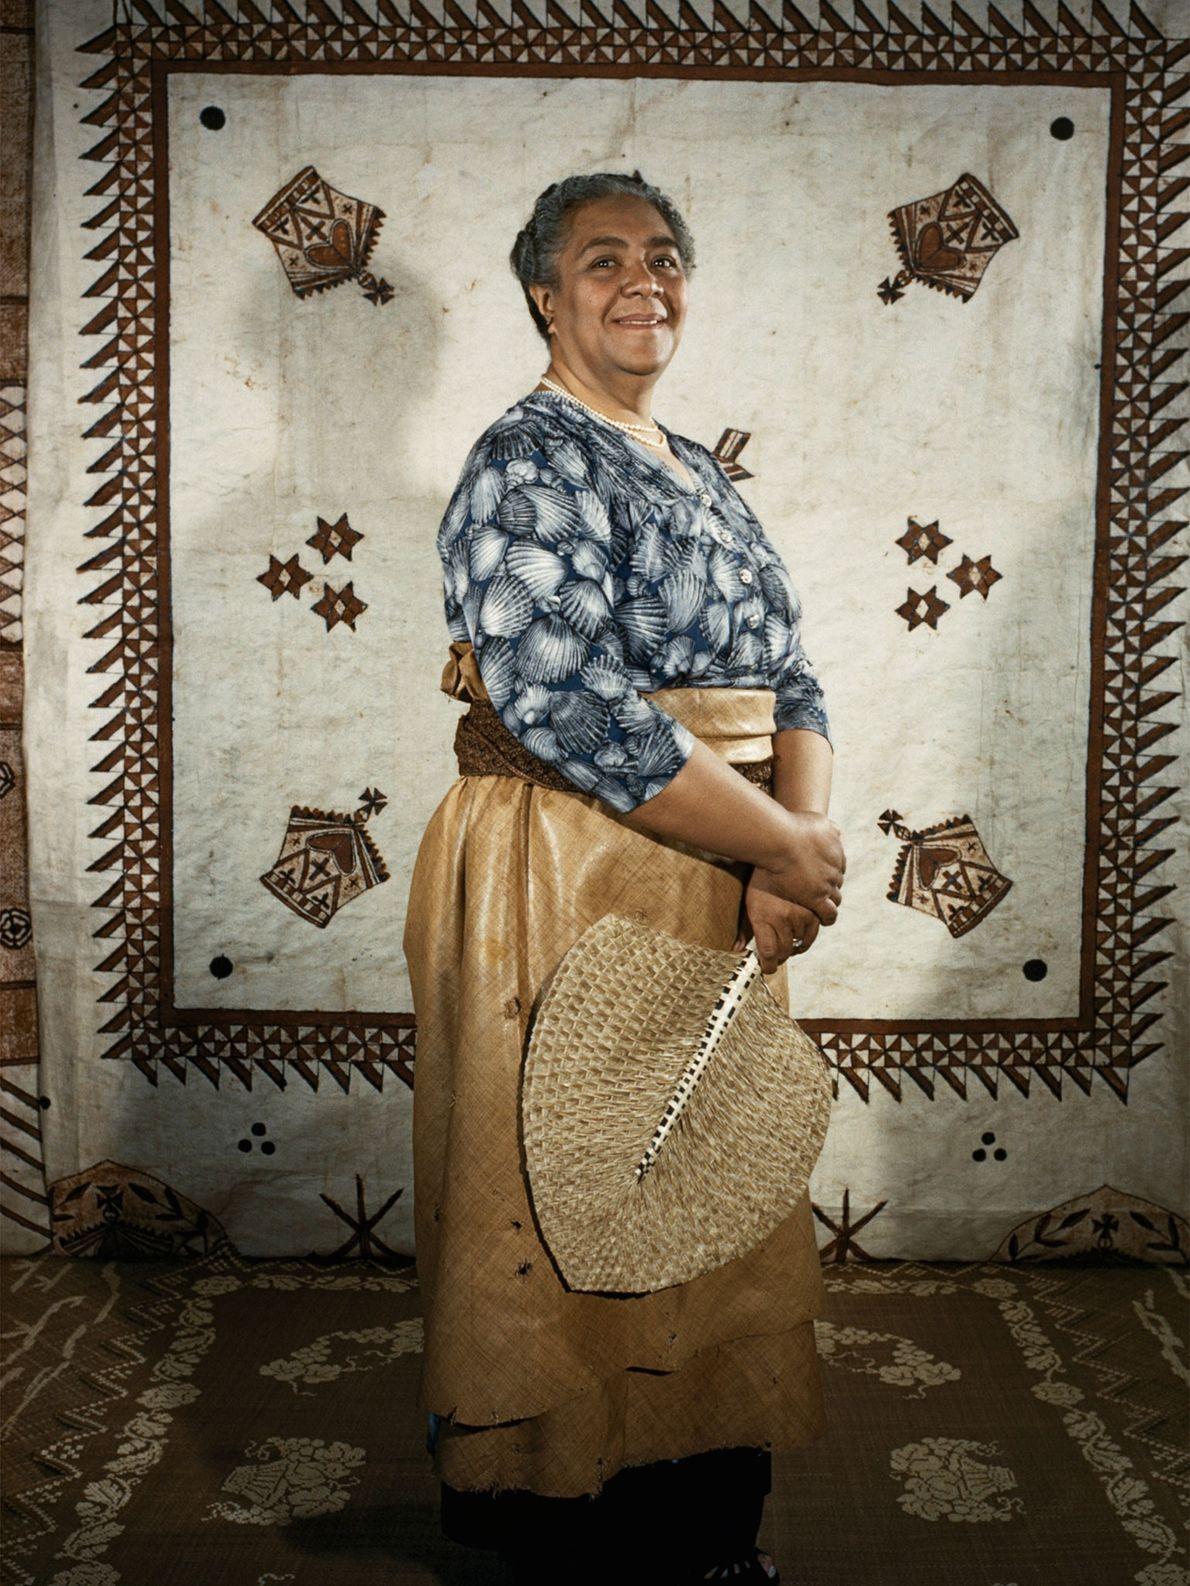 Première reine des Tonga, Salote Tupou III était la mère de Tāufaʻāhau Tupou IV. Elle est ...